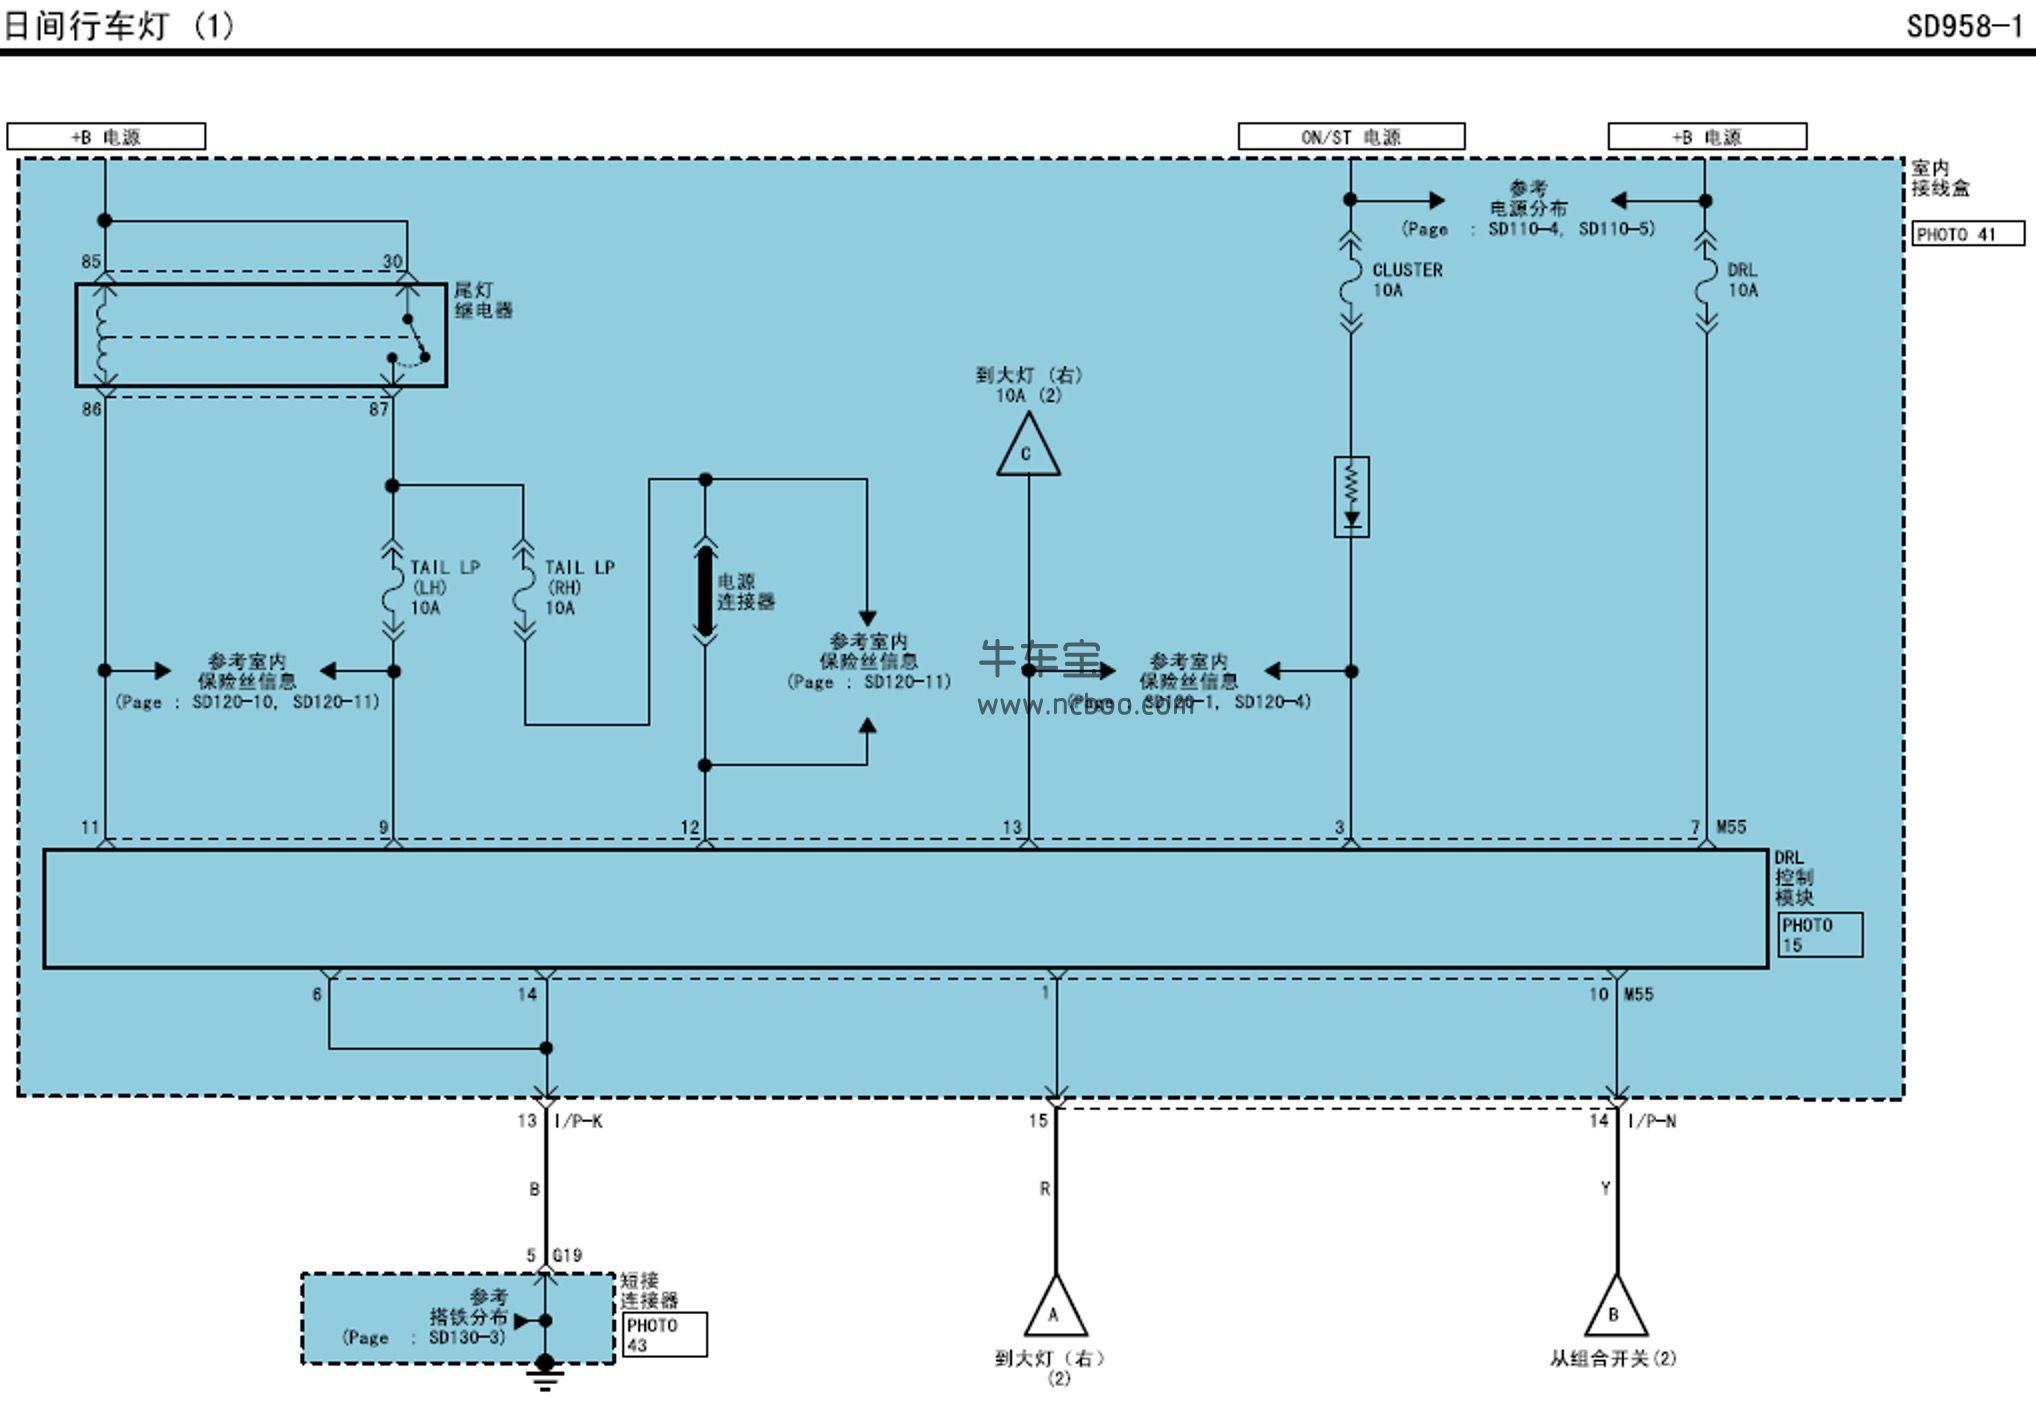 2012款起亚锐欧原厂维修手册和电路图资料下载